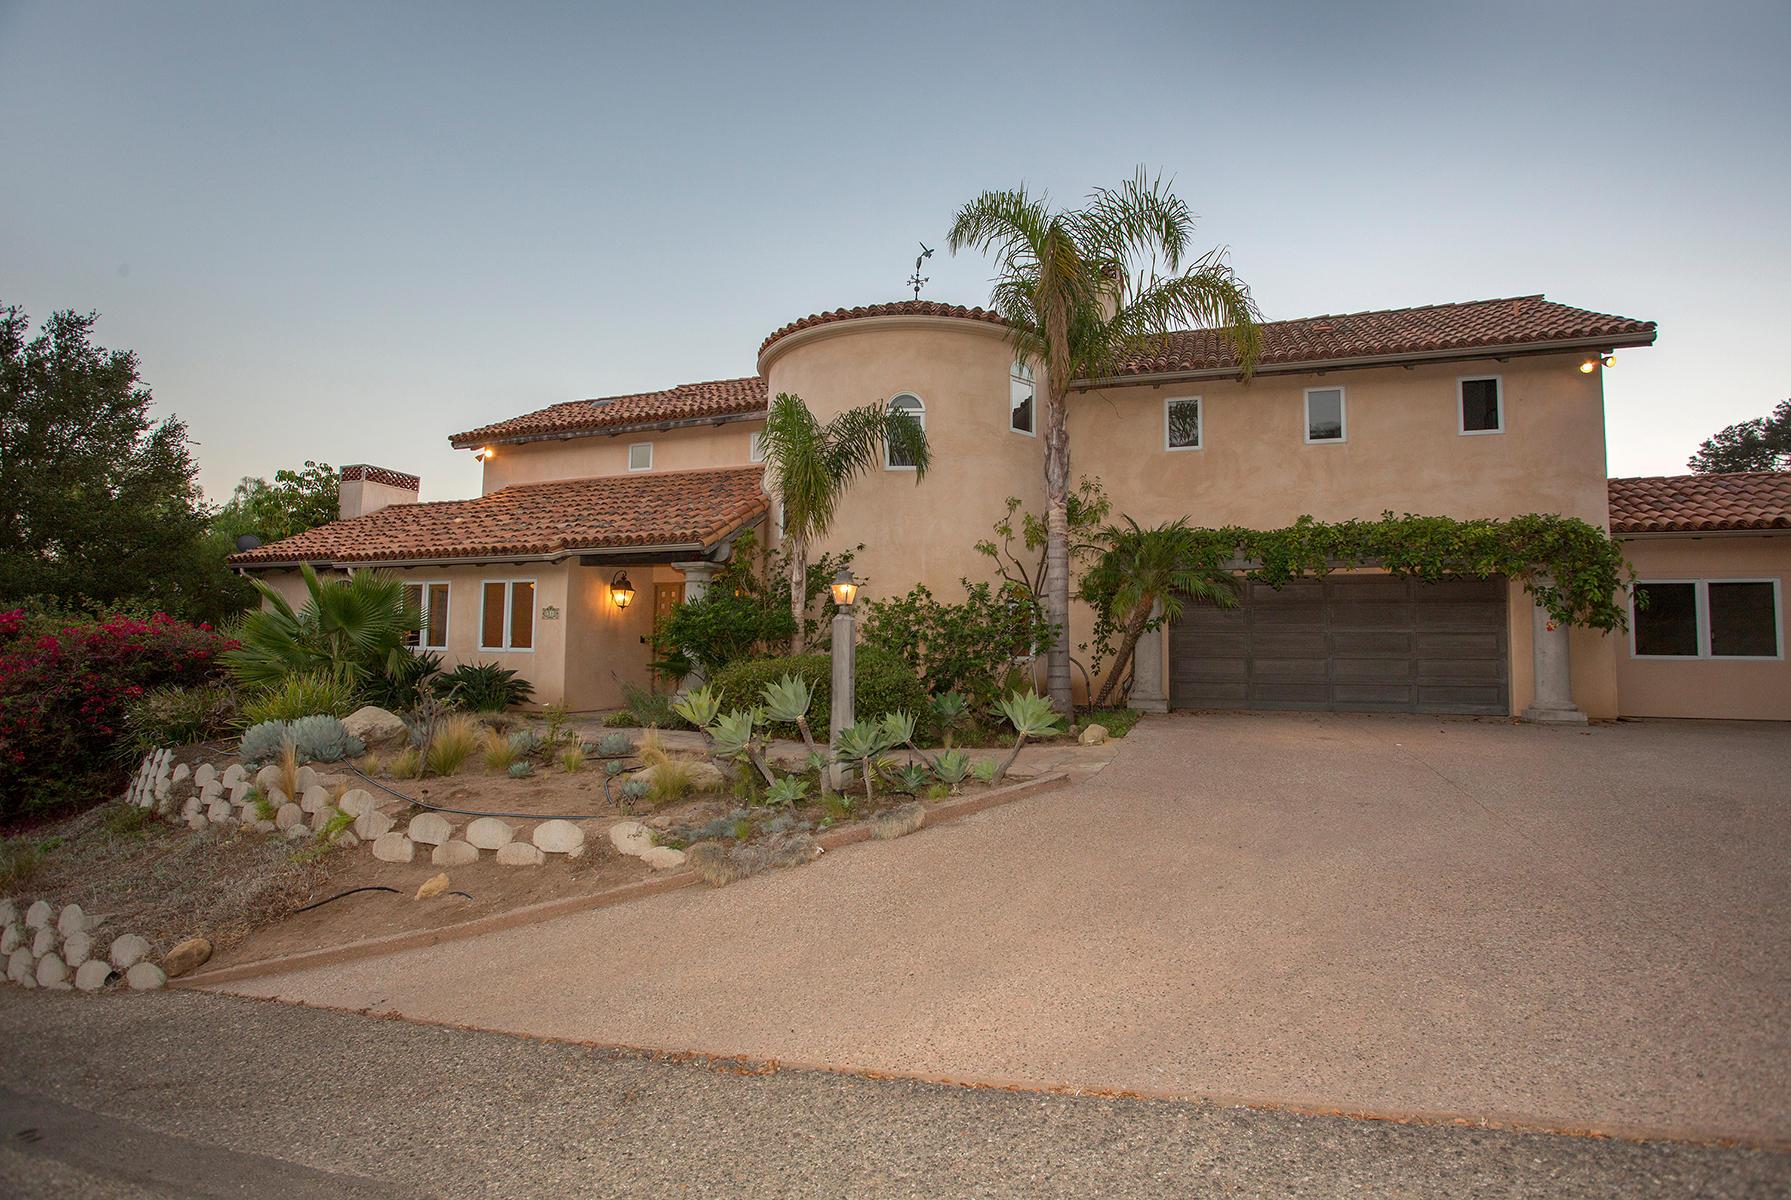 Property photo for 1580 San Roque Rd Santa Barbara, California 93105 - 14-3279